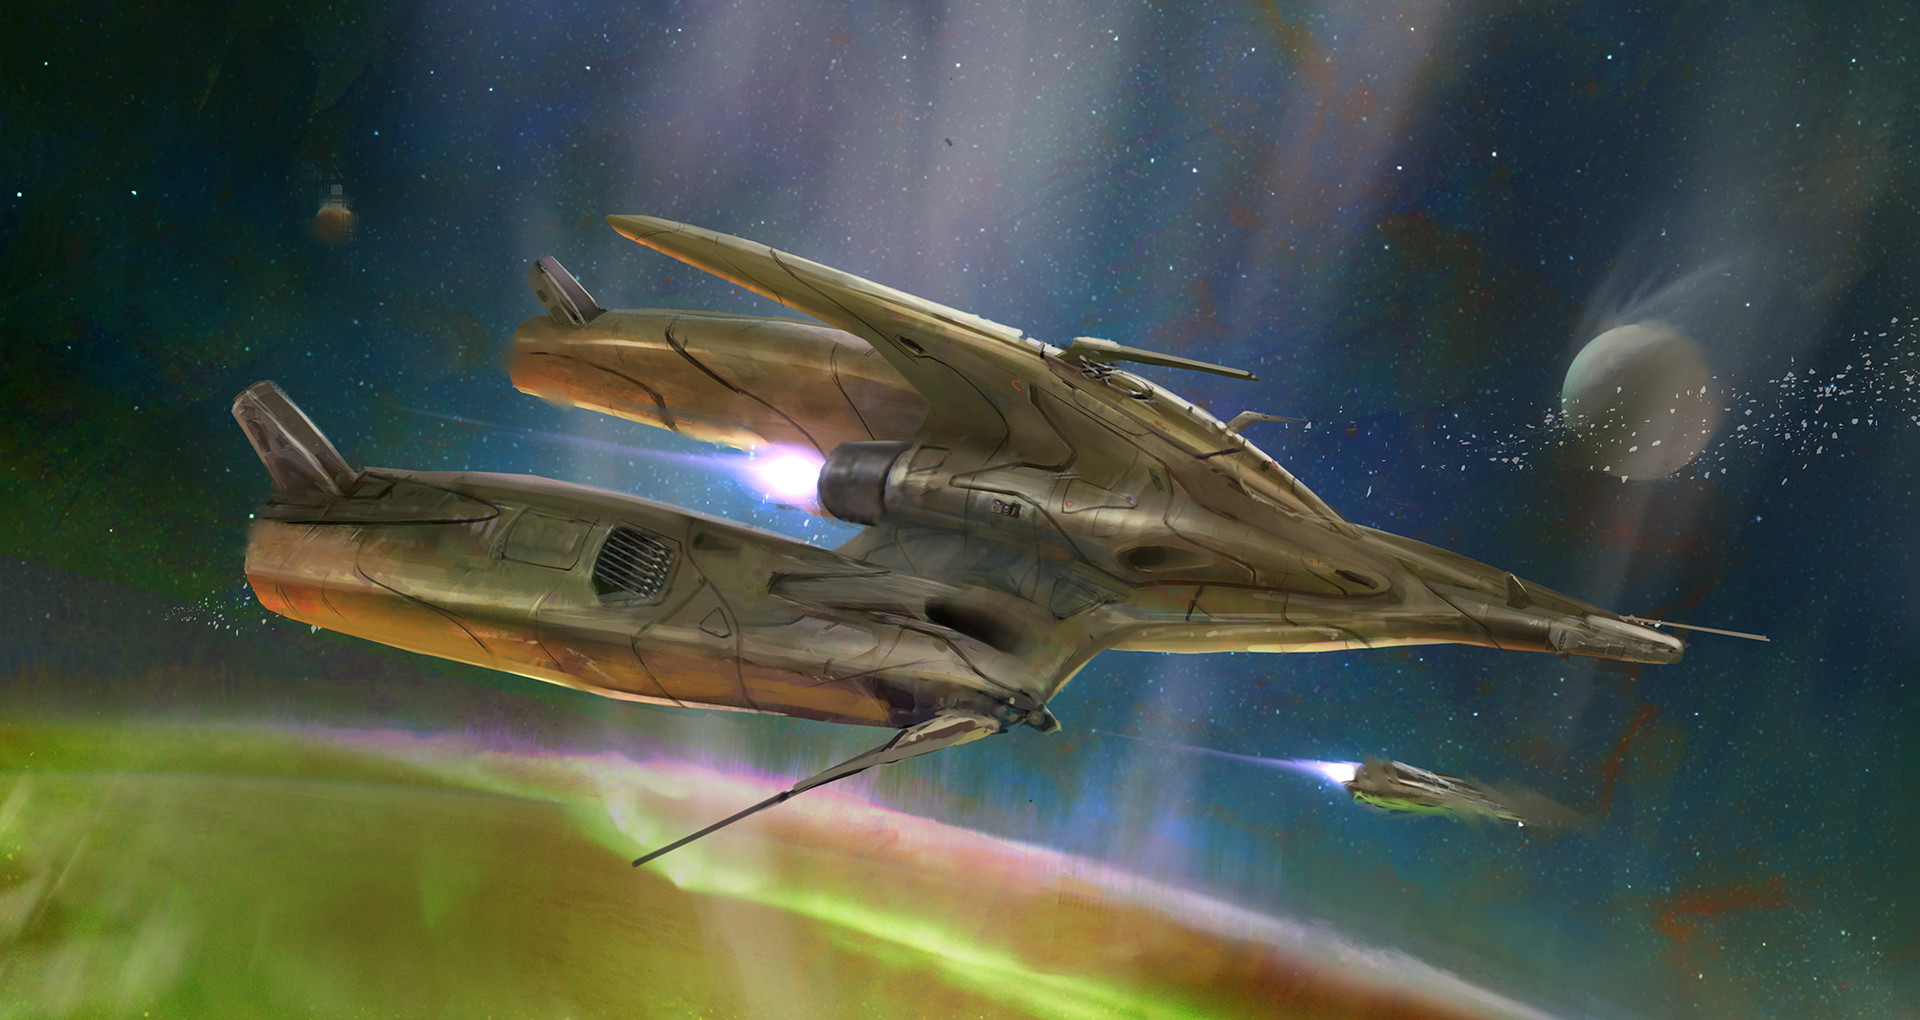 Chen liang spaceship b 05